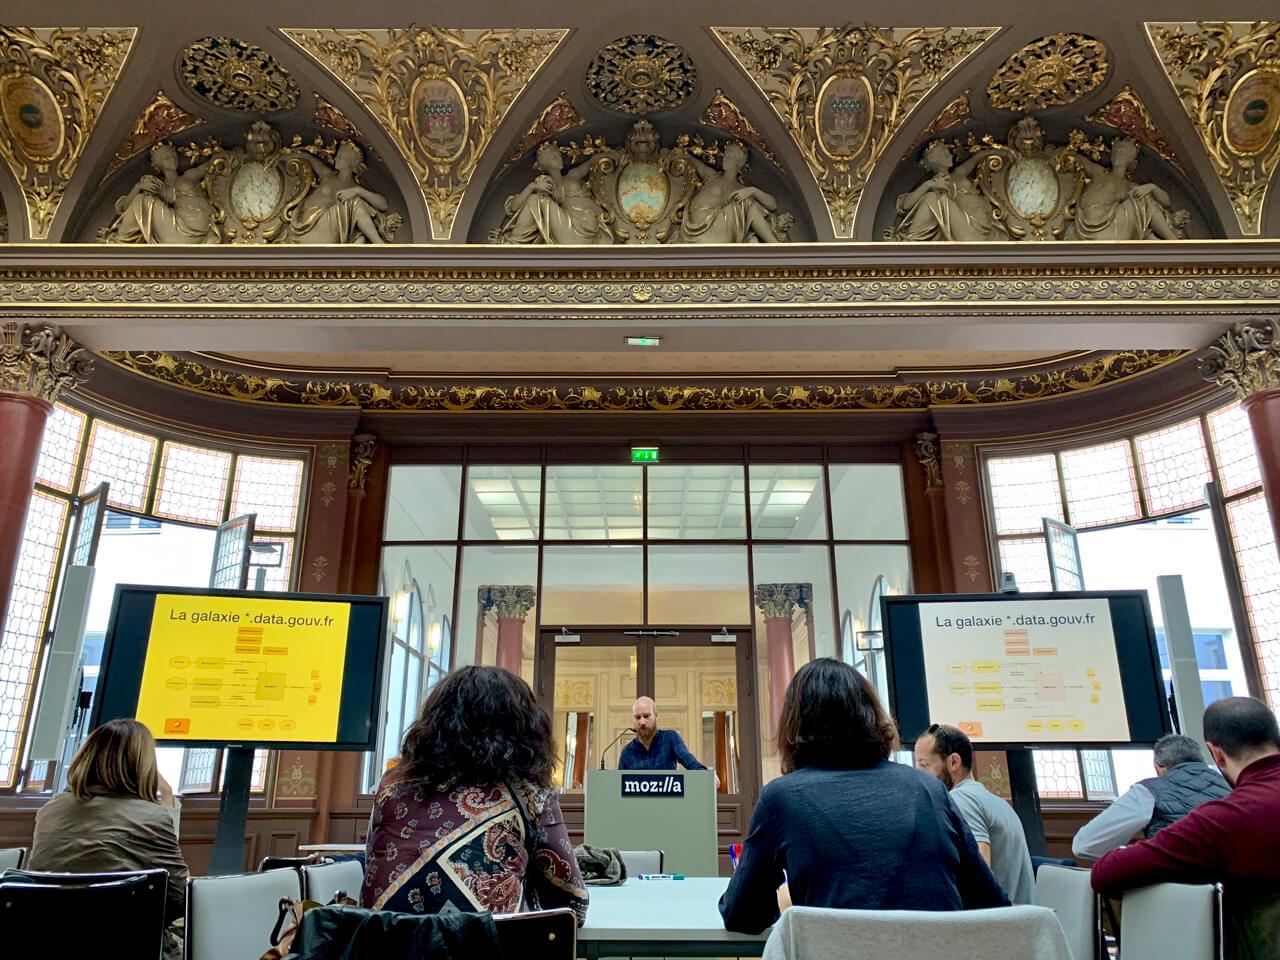 Photo prise à la fondation Mozilla lors de l'atelier consacré à data.gouv.fr